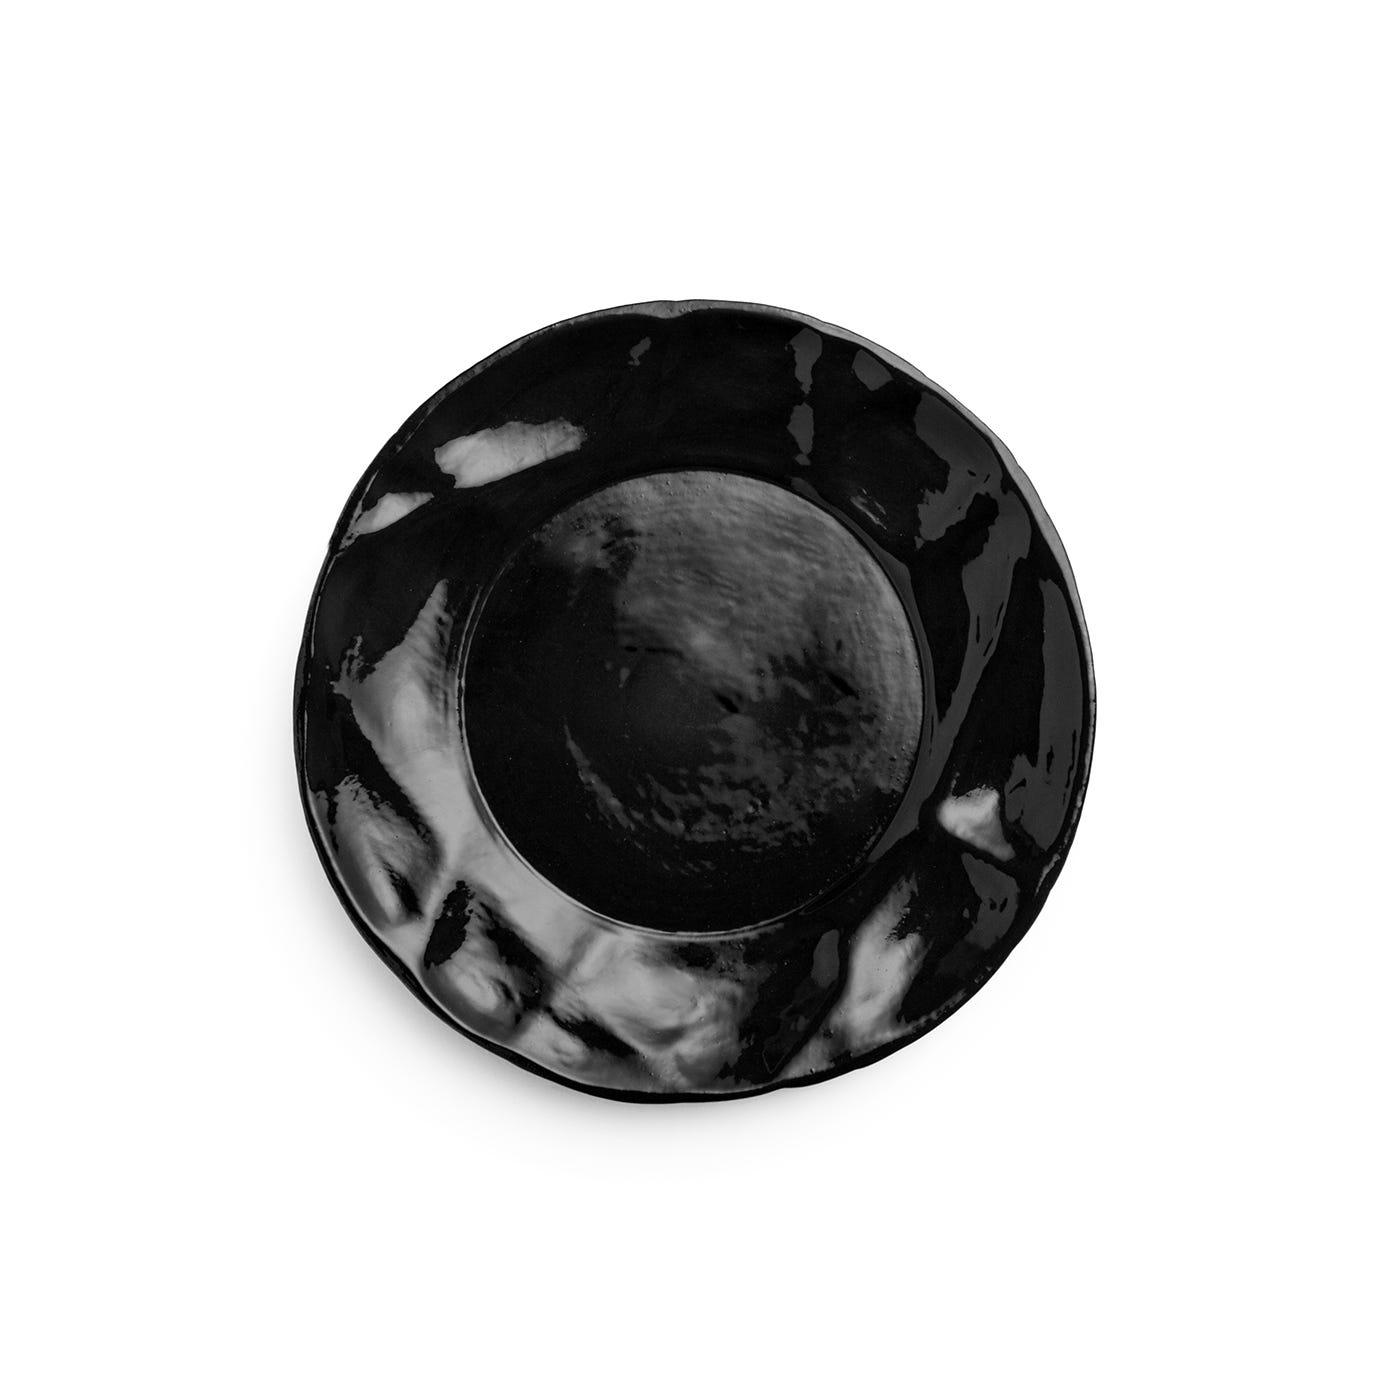 Succession Small Plate Black